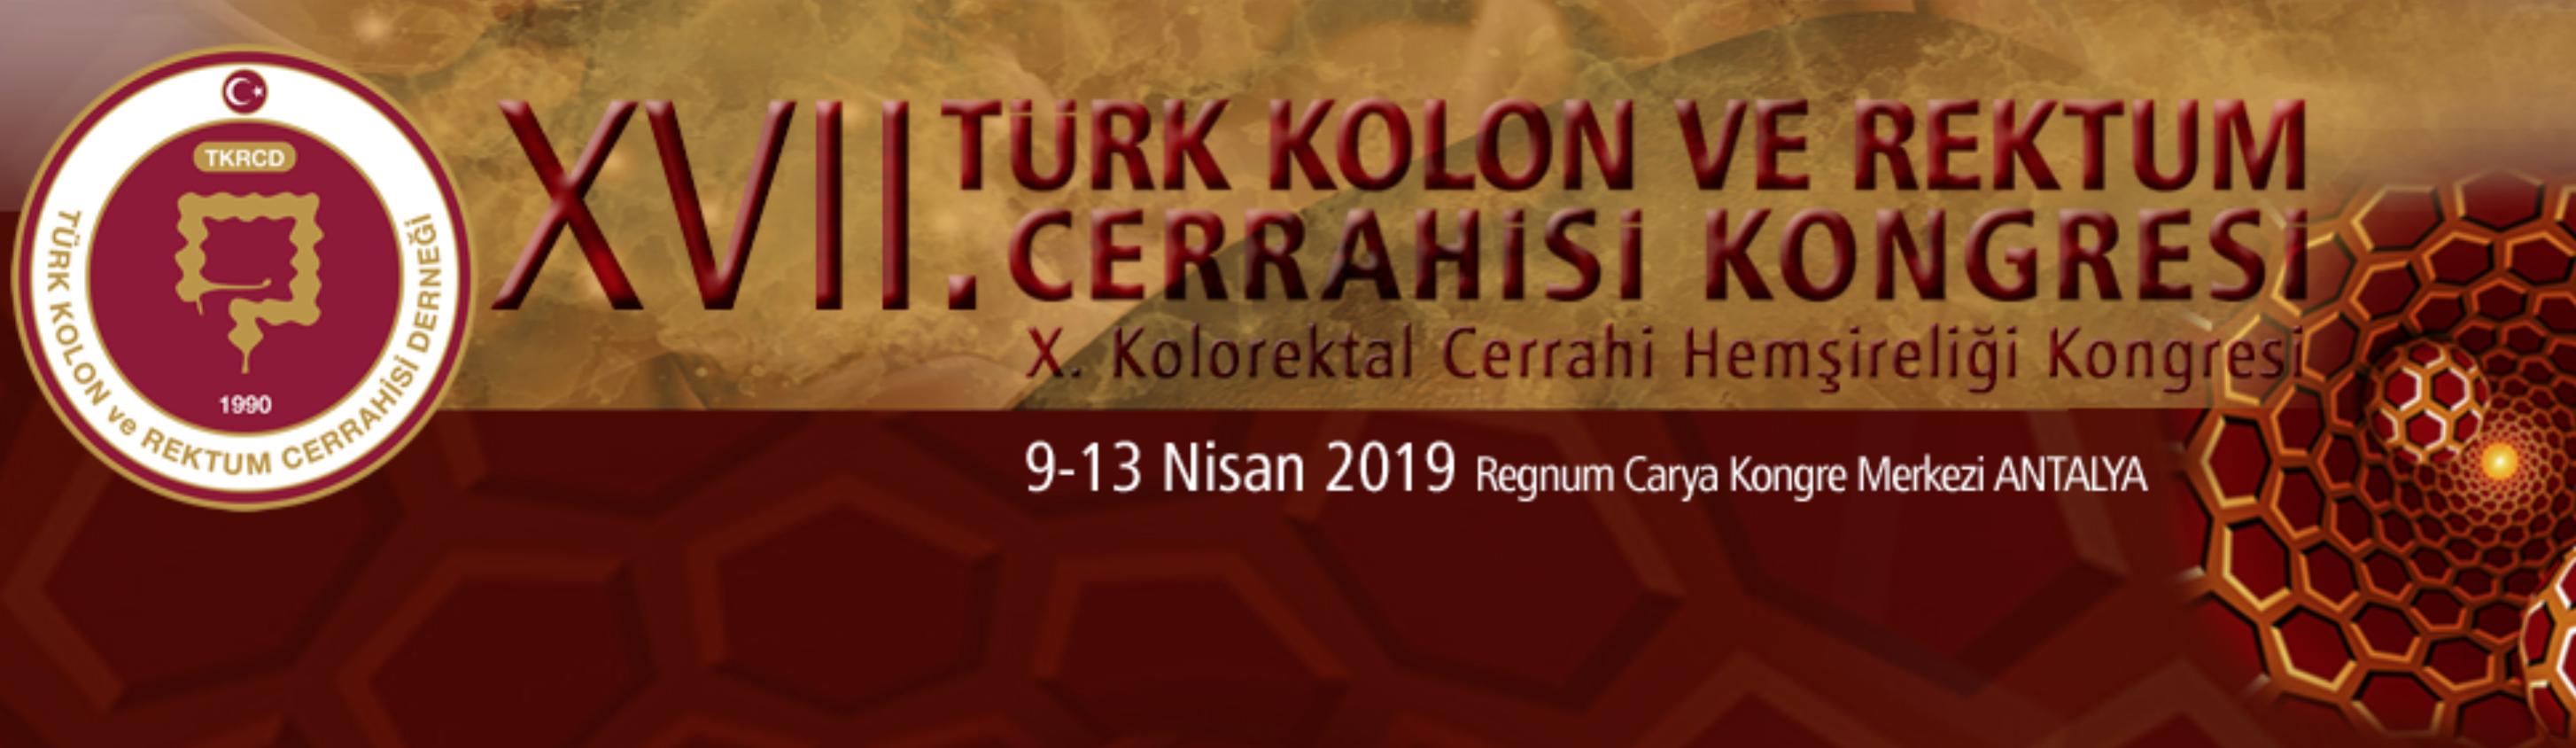 17. Türk Kolon ve Rektum Cerrahisi Kongresi